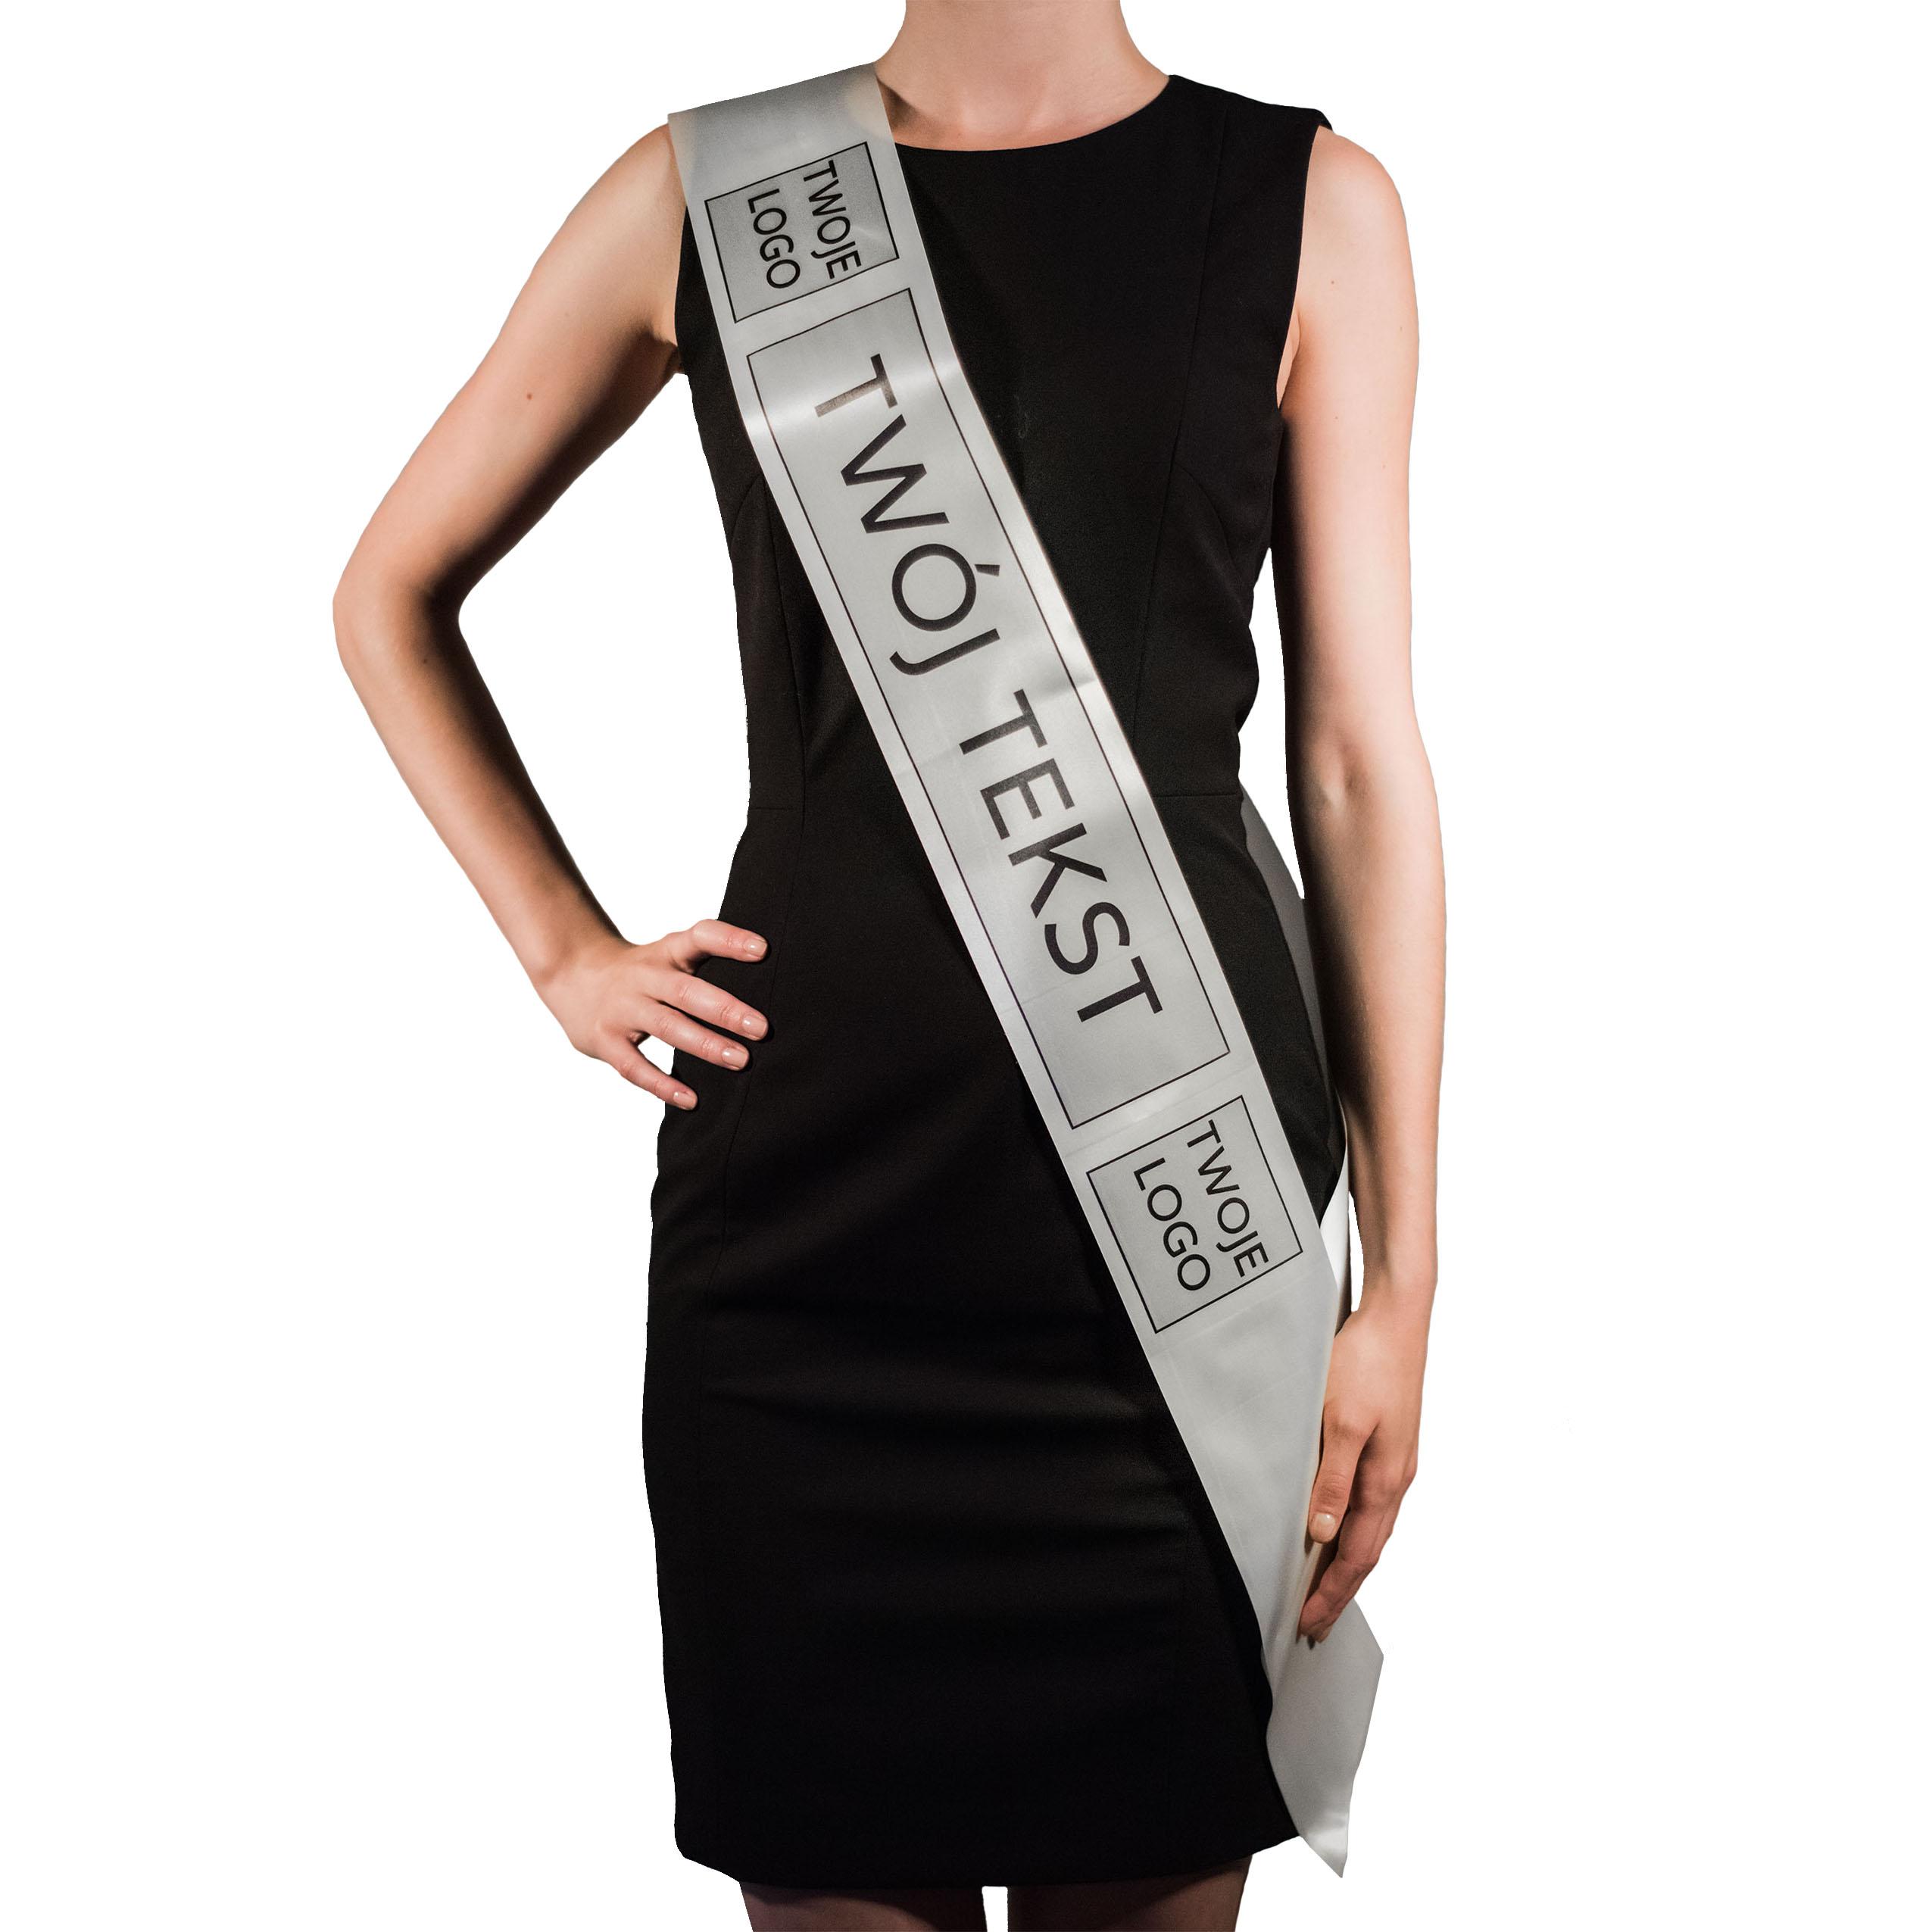 Szarfa Reklamowa Dla Hostessy Z Nadrukiem Lub Logo 6427686747 Allegro Pl